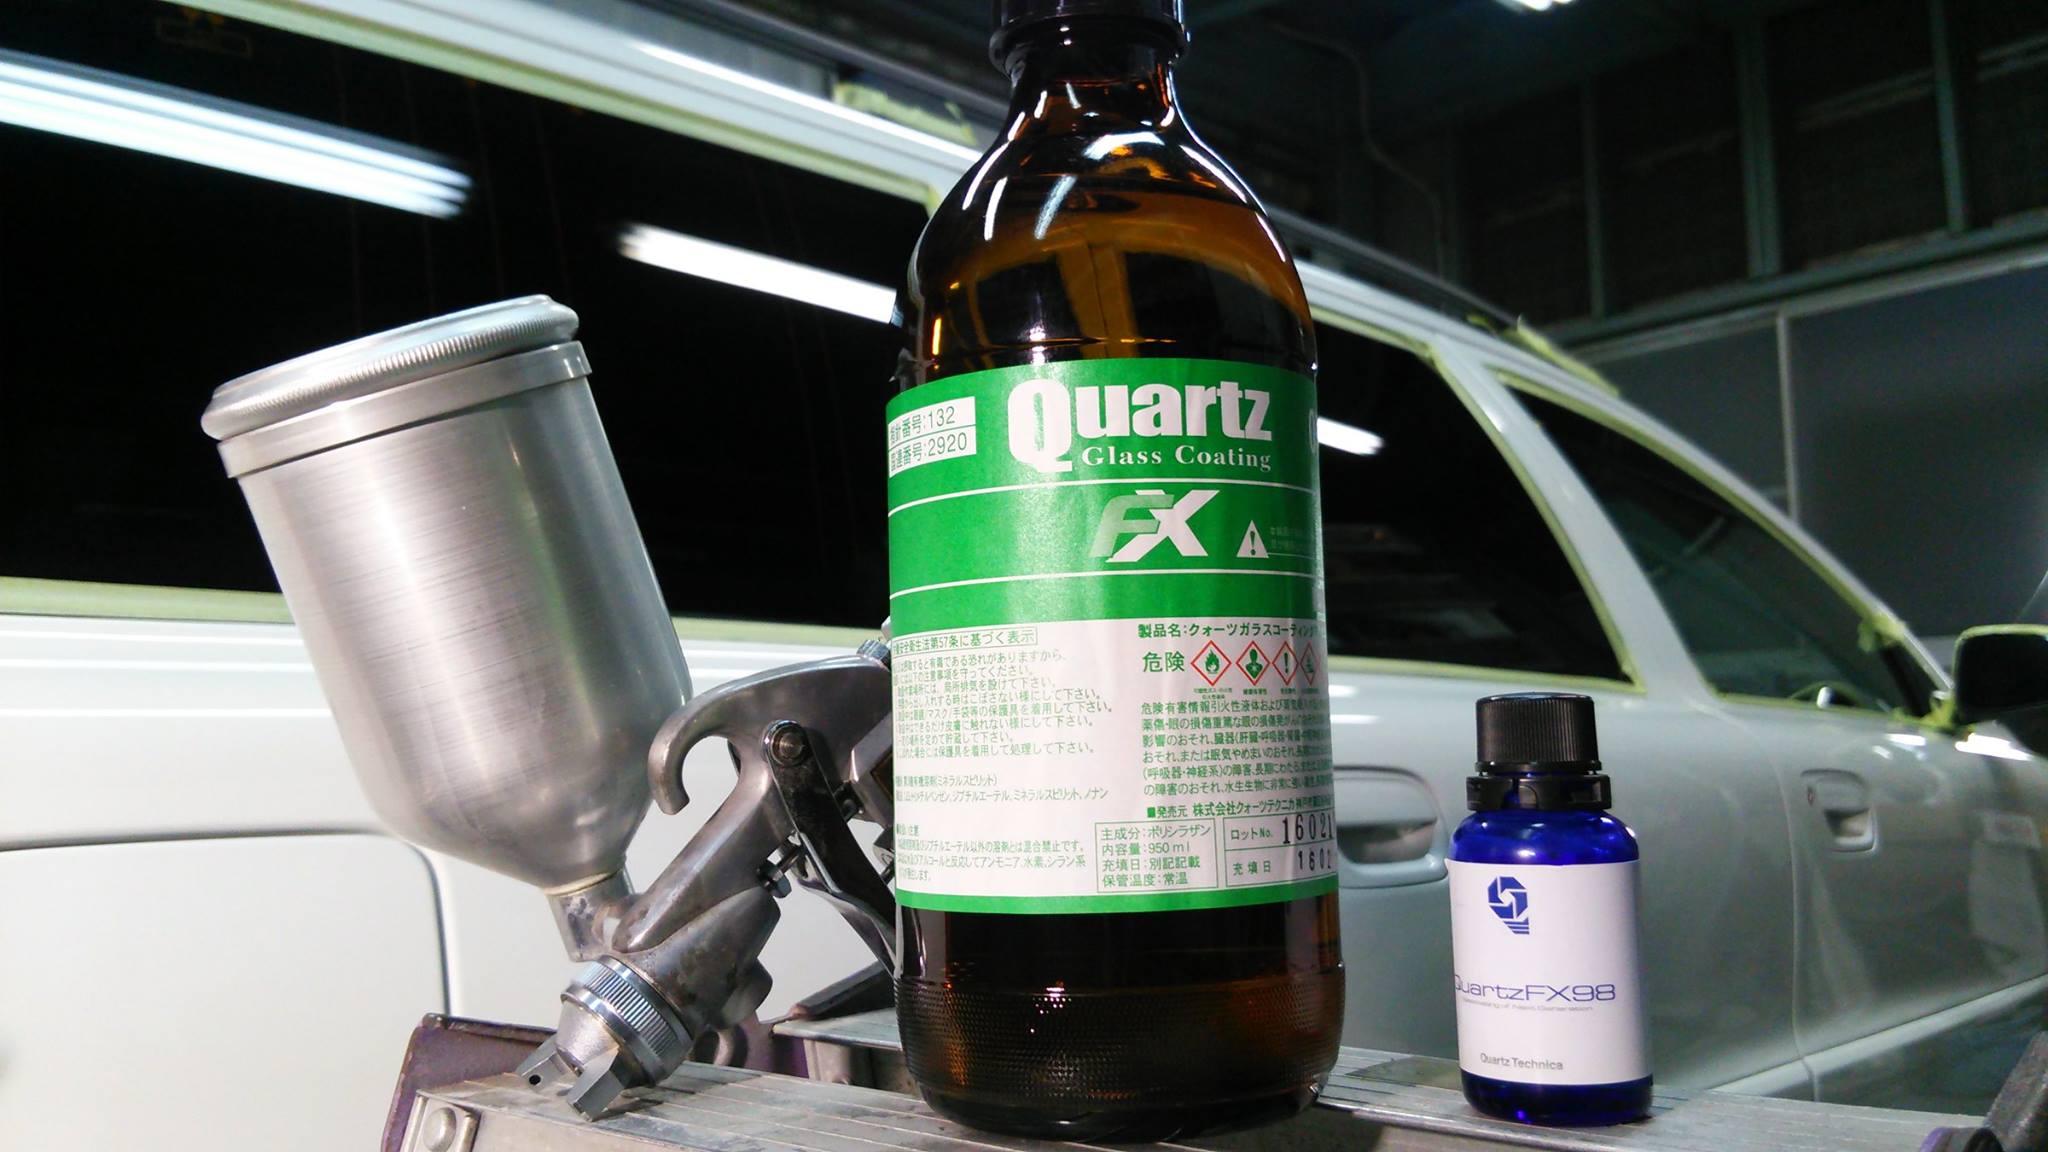 ガラスコーティング、吹付用薬剤と手塗り用薬剤